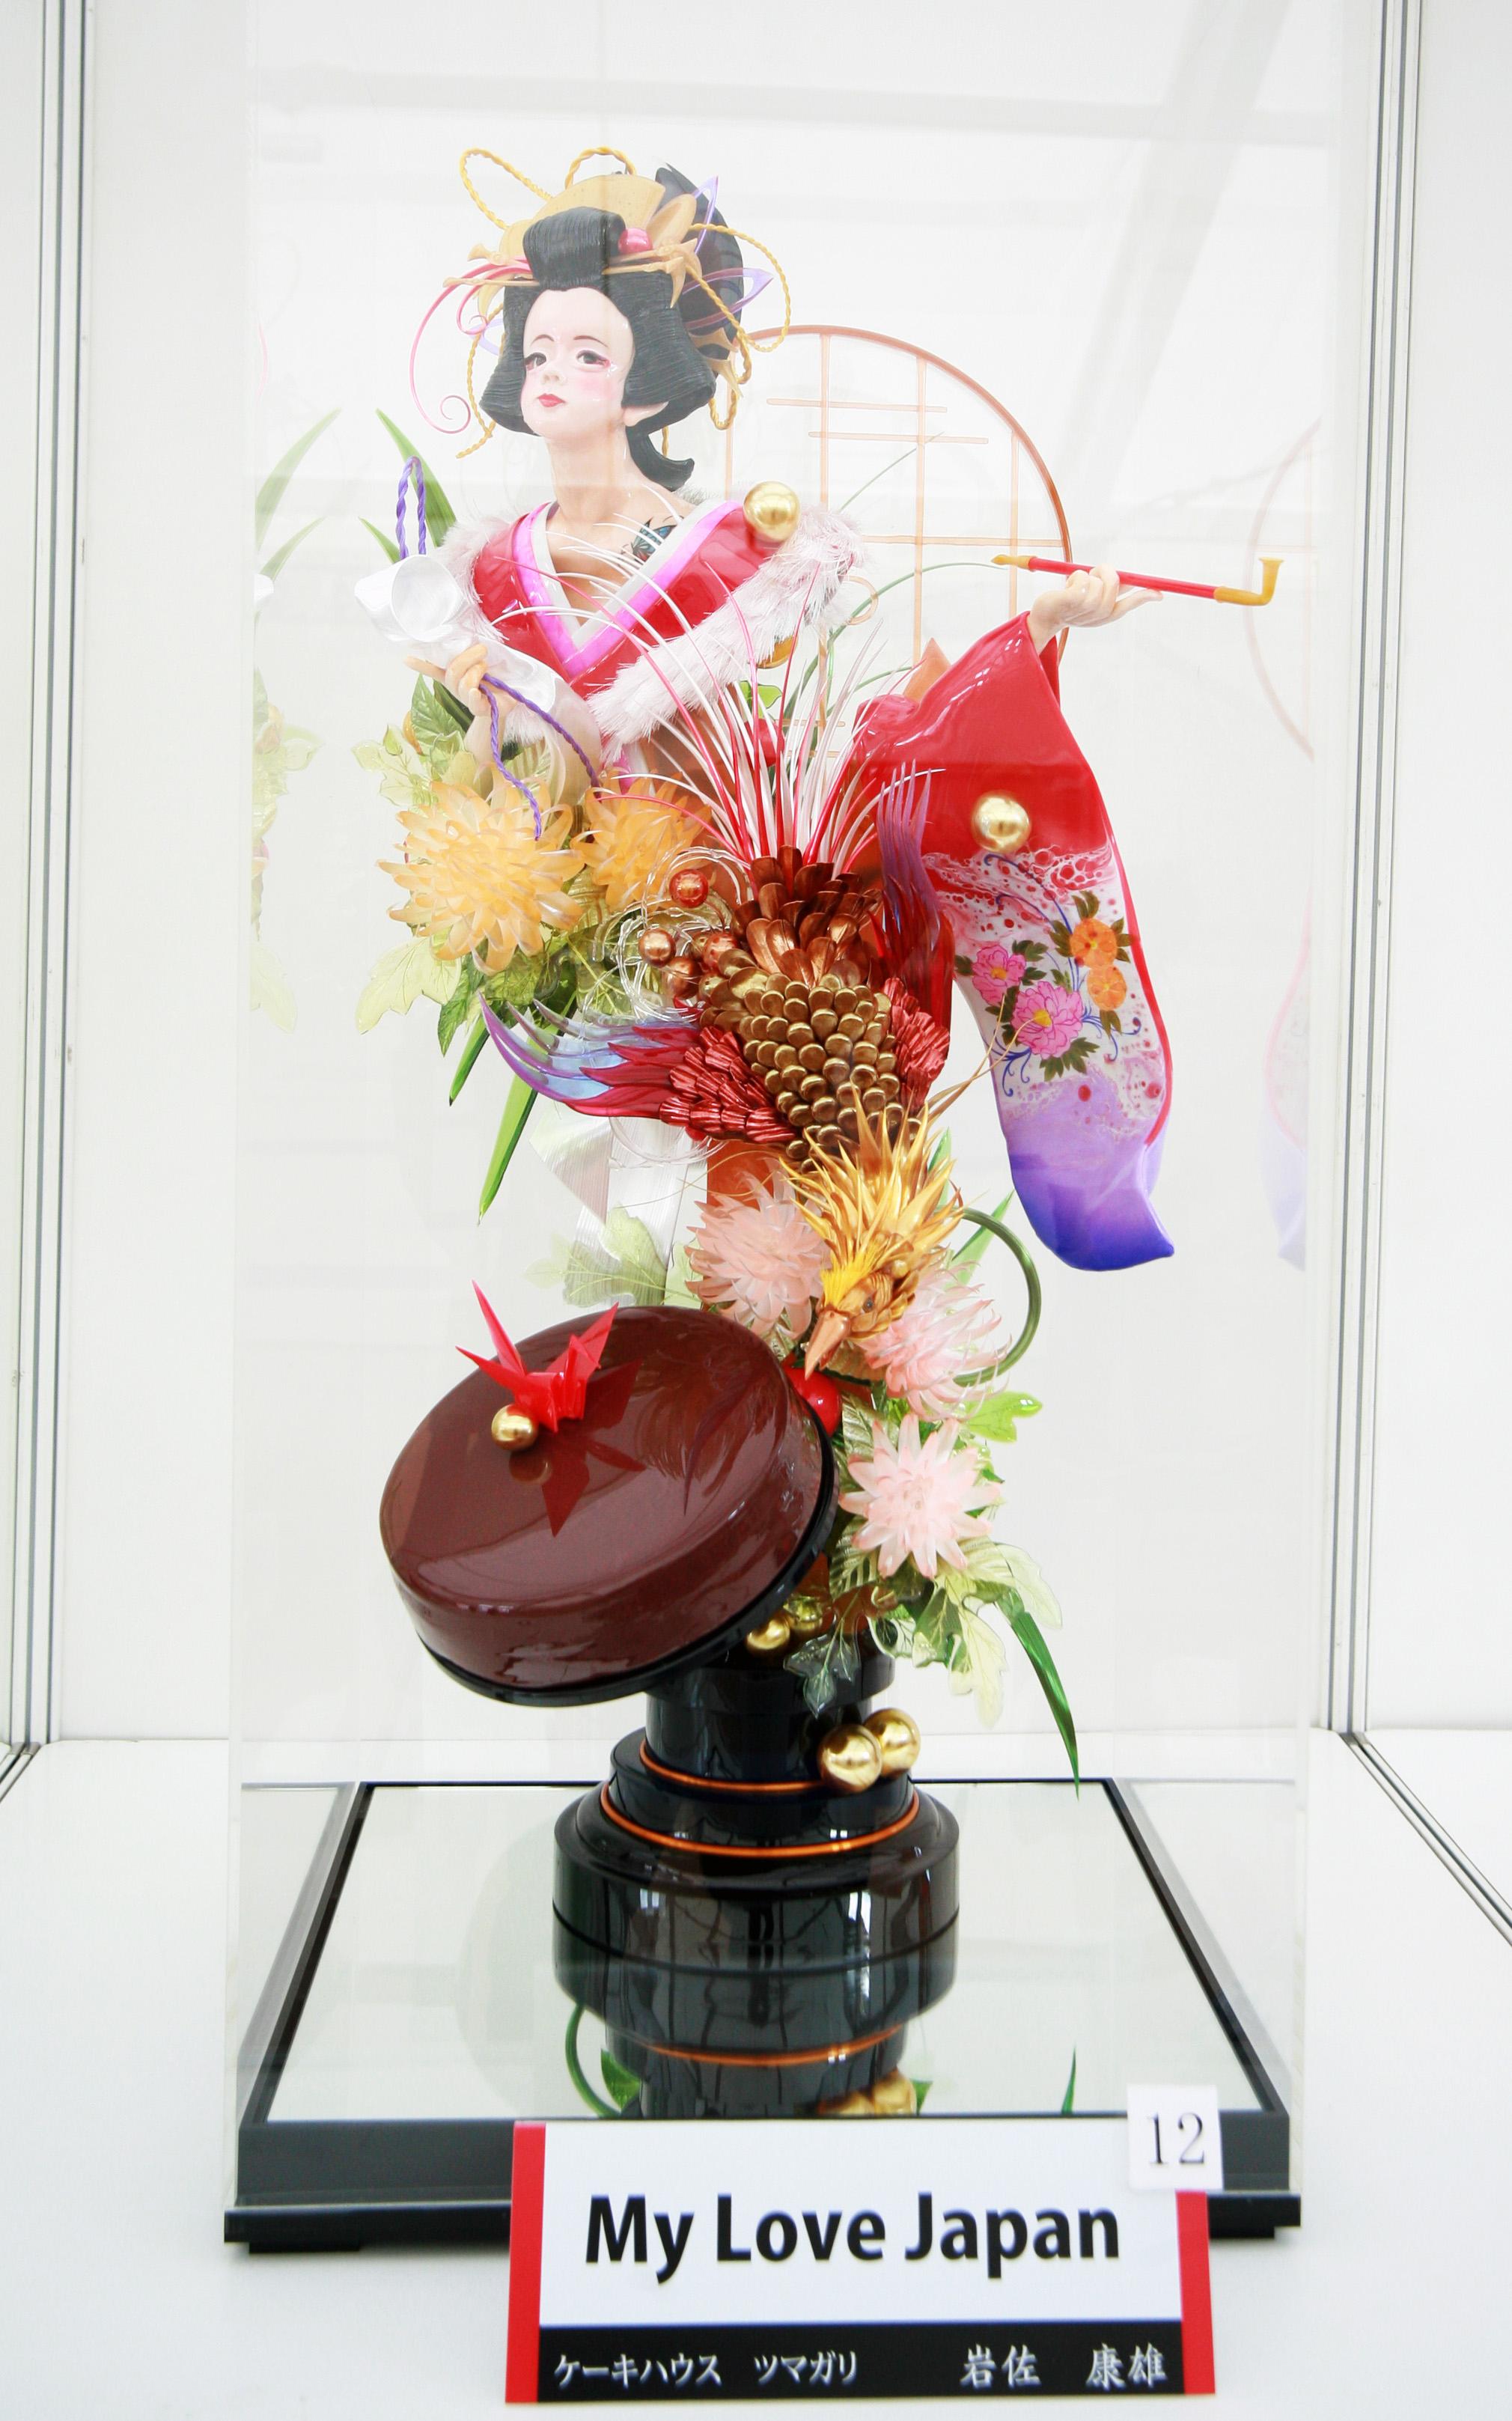 菓子まつり2012風景